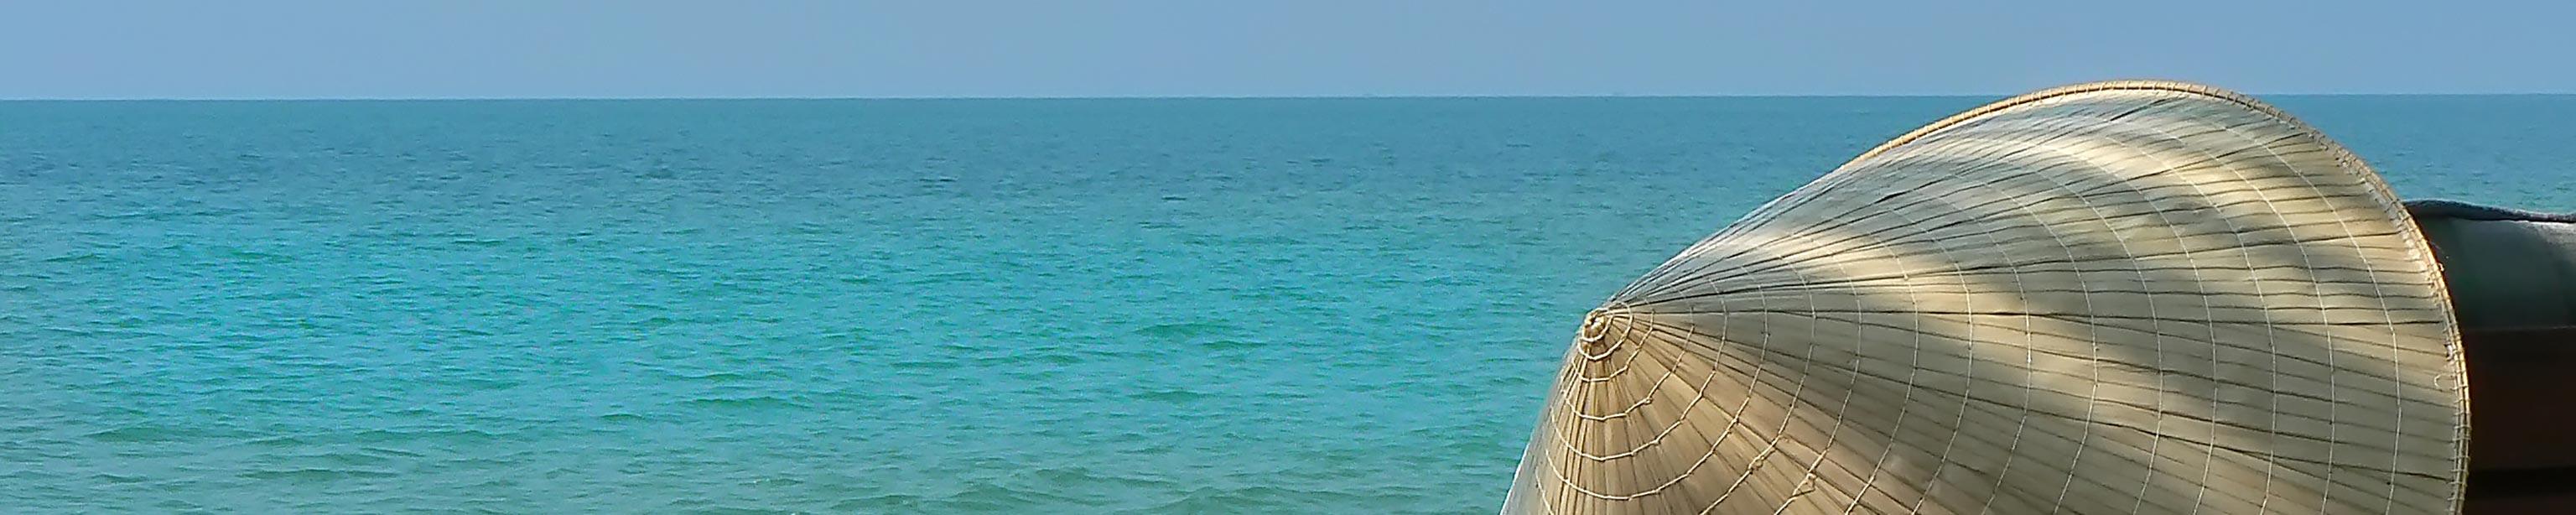 Blick auf türkisblaues Meer